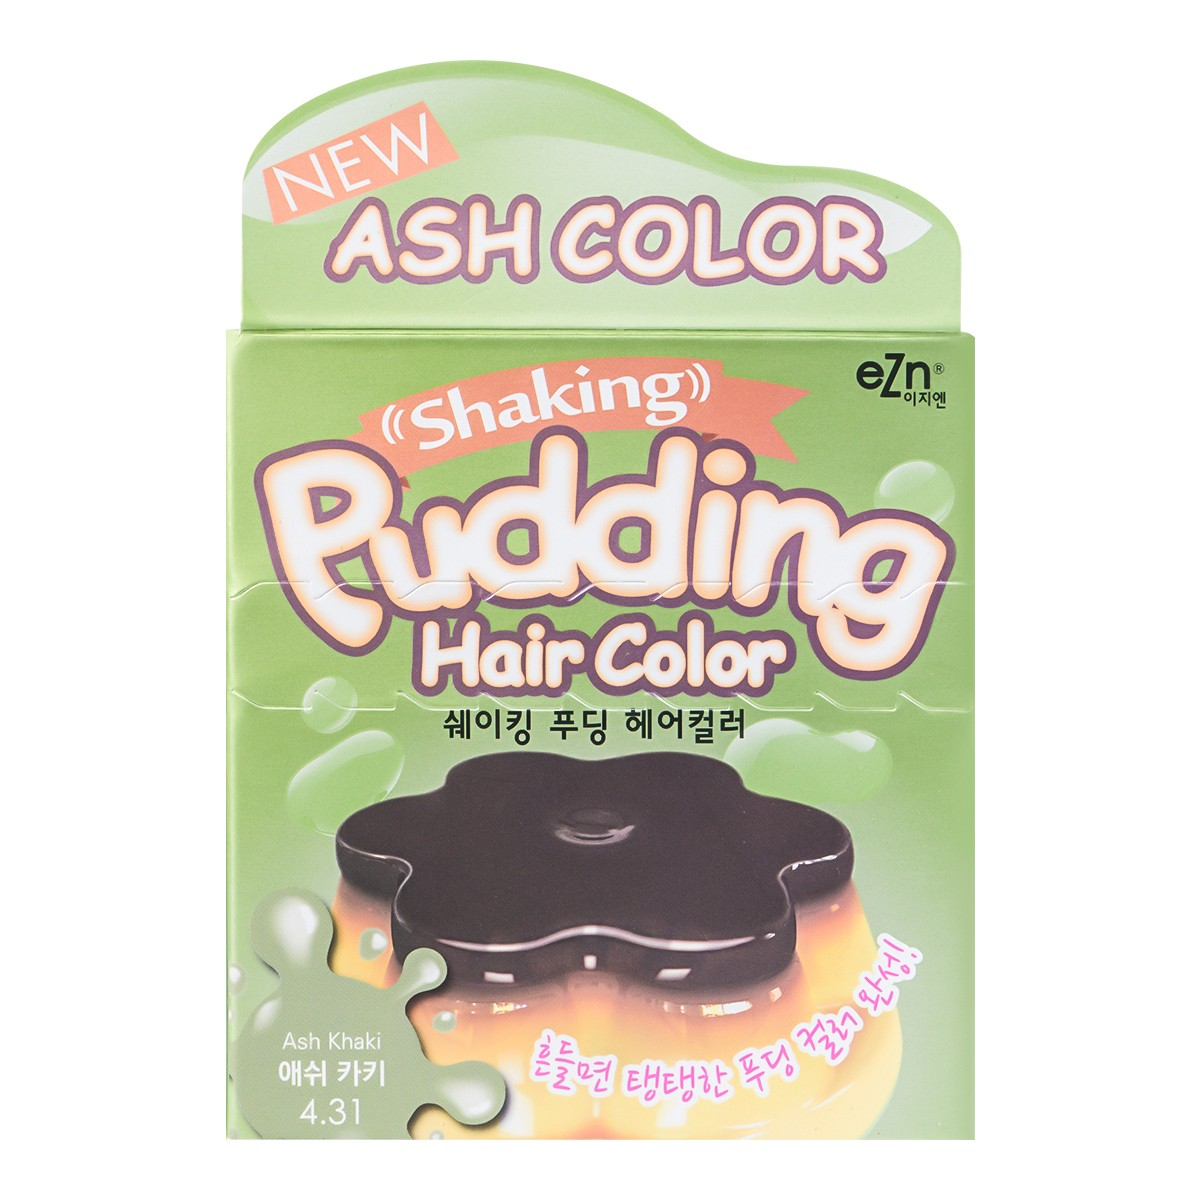 DONGSUNG PHARM EZN Shaking Pudding Hair Color 4.31 Ash Khaki